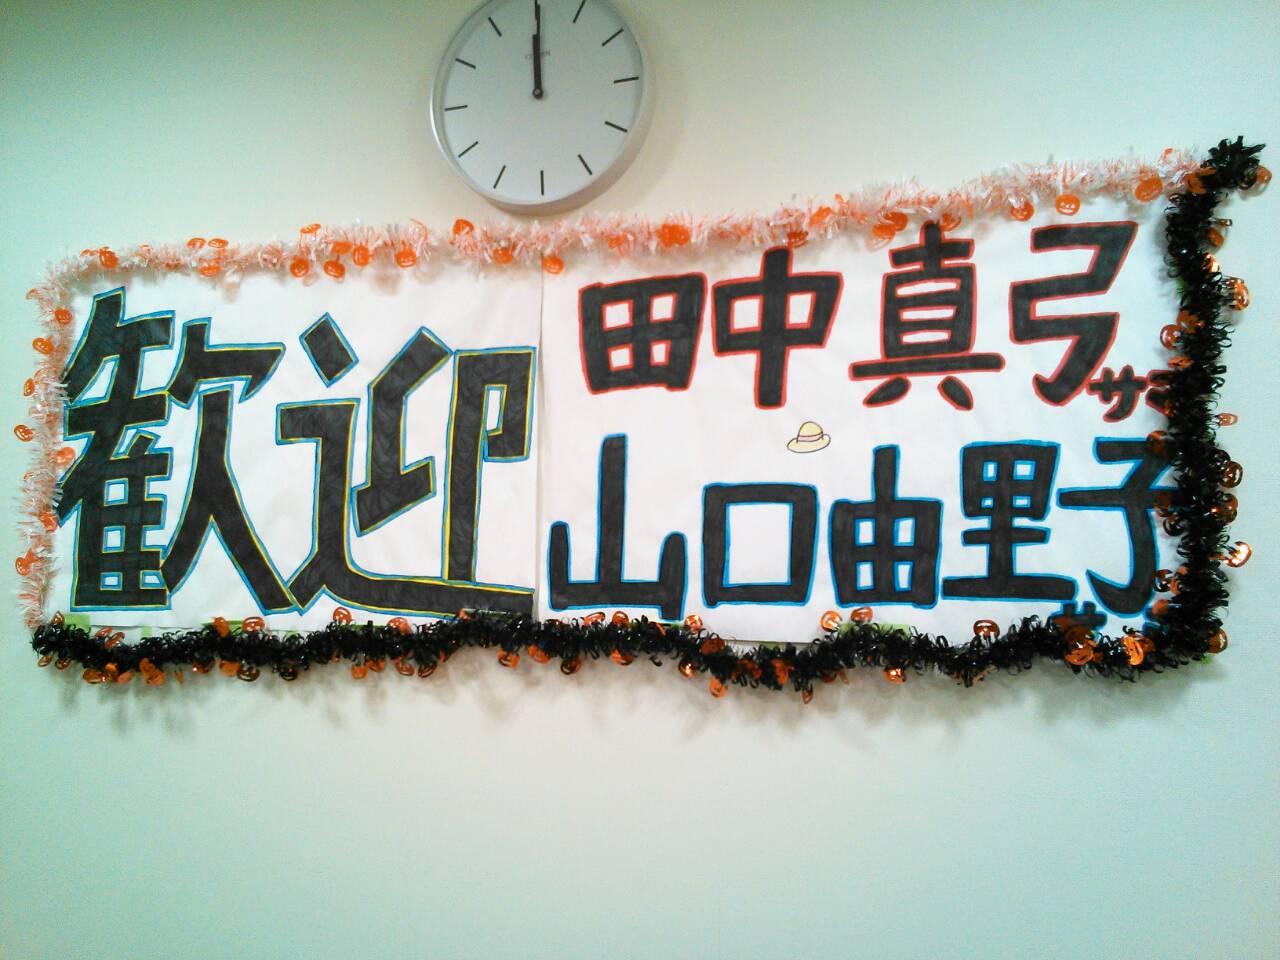 鶴見大学紫雲祭_a0163623_225457.jpg